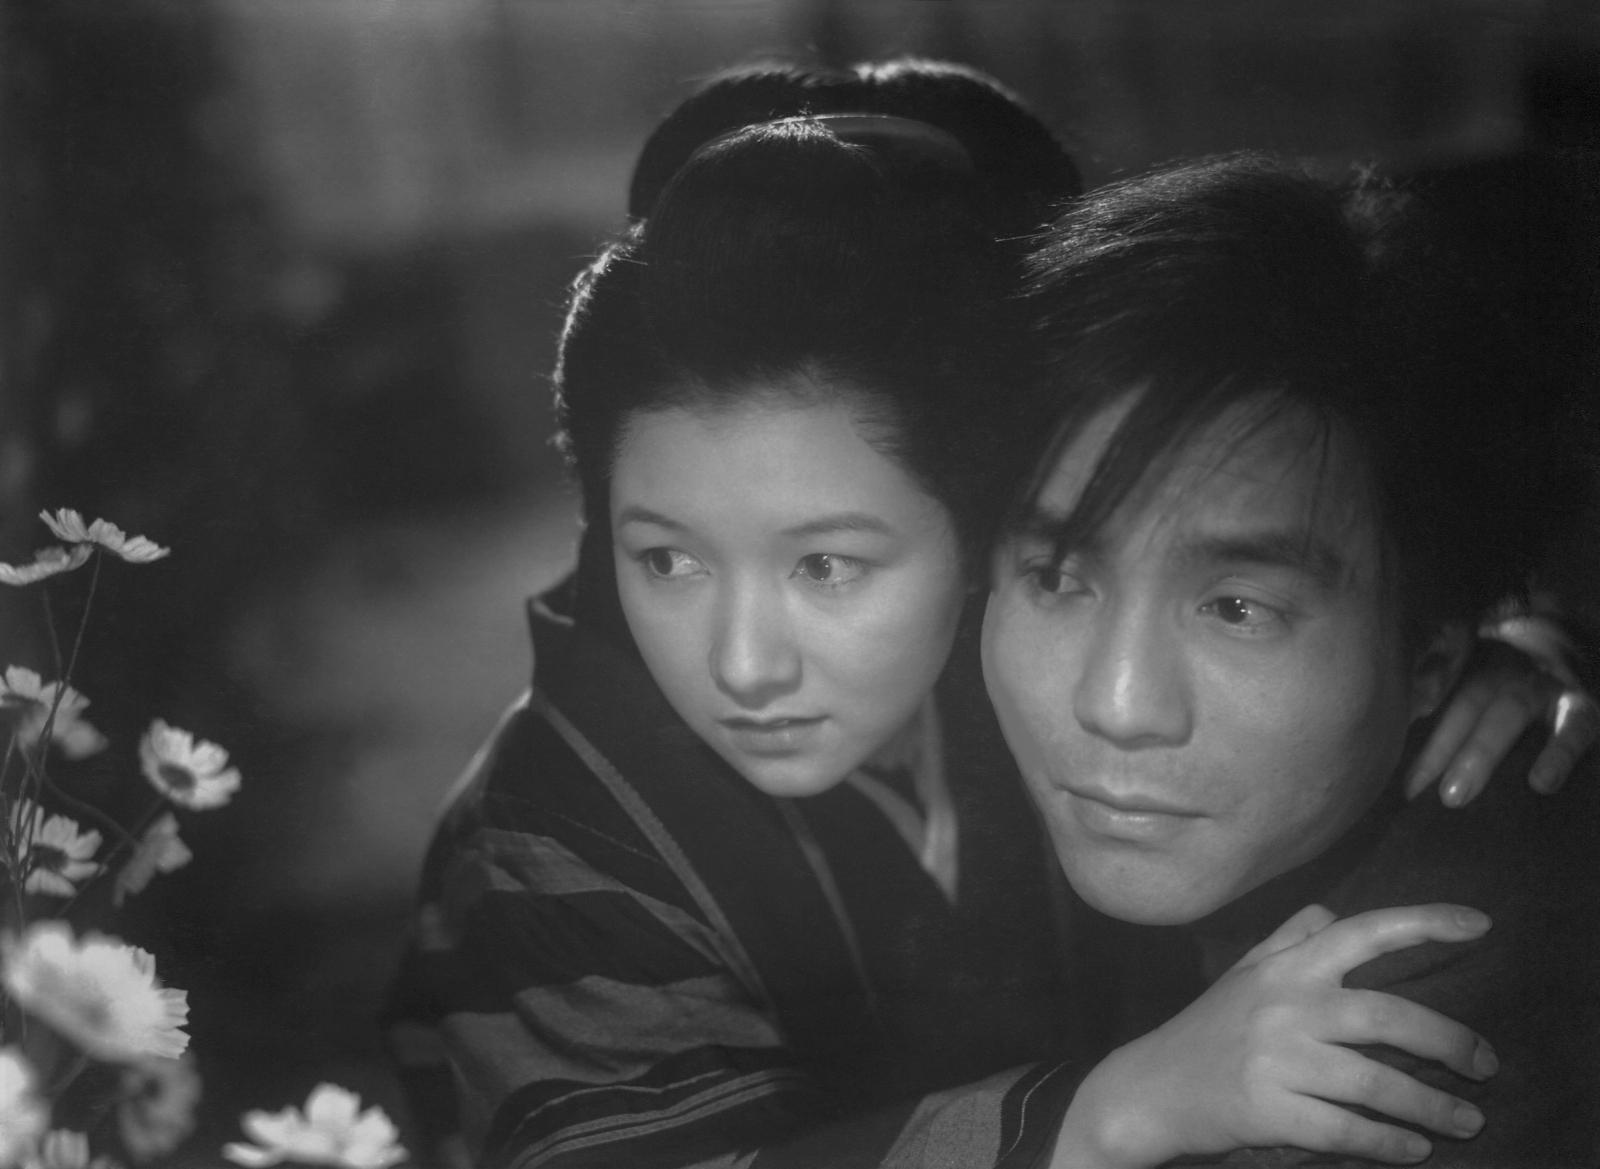 楽天ブックス: 春の戯れ - 山本嘉次郎 - 高峰秀子 - 4907953281585 : DVD